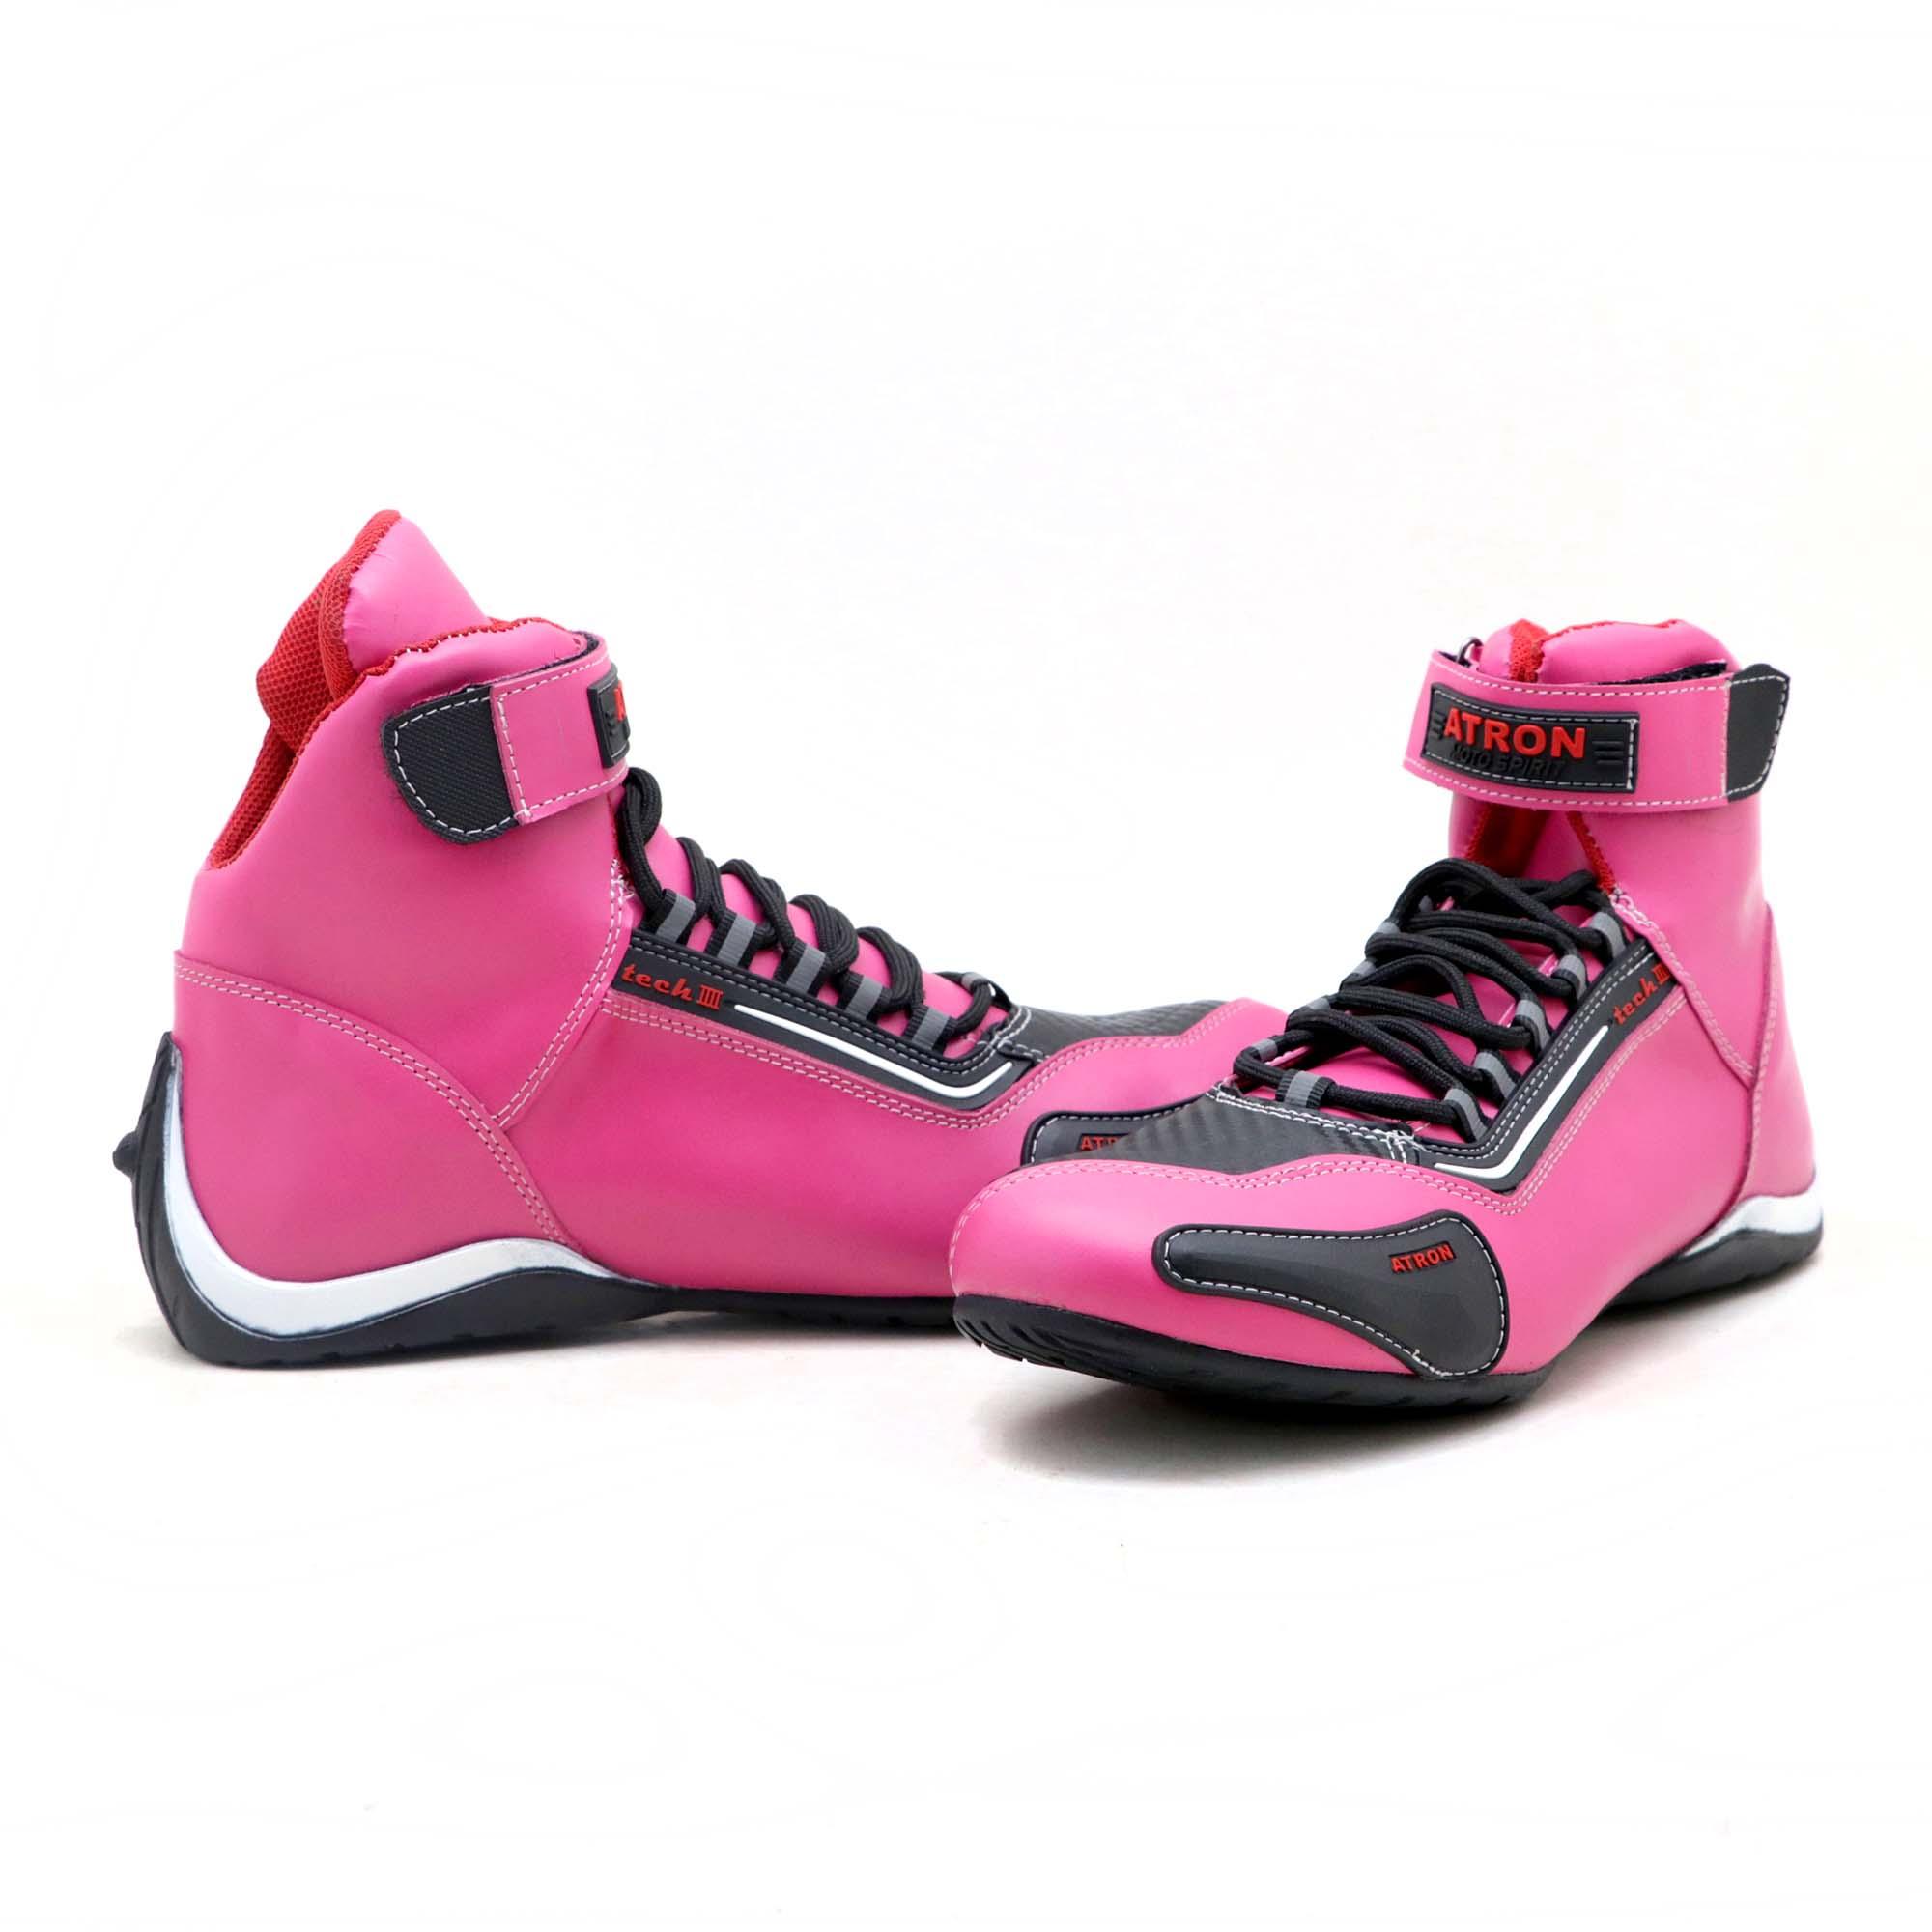 Tênis motociclista cano alto em couro legítimo nas cores pink preto 311